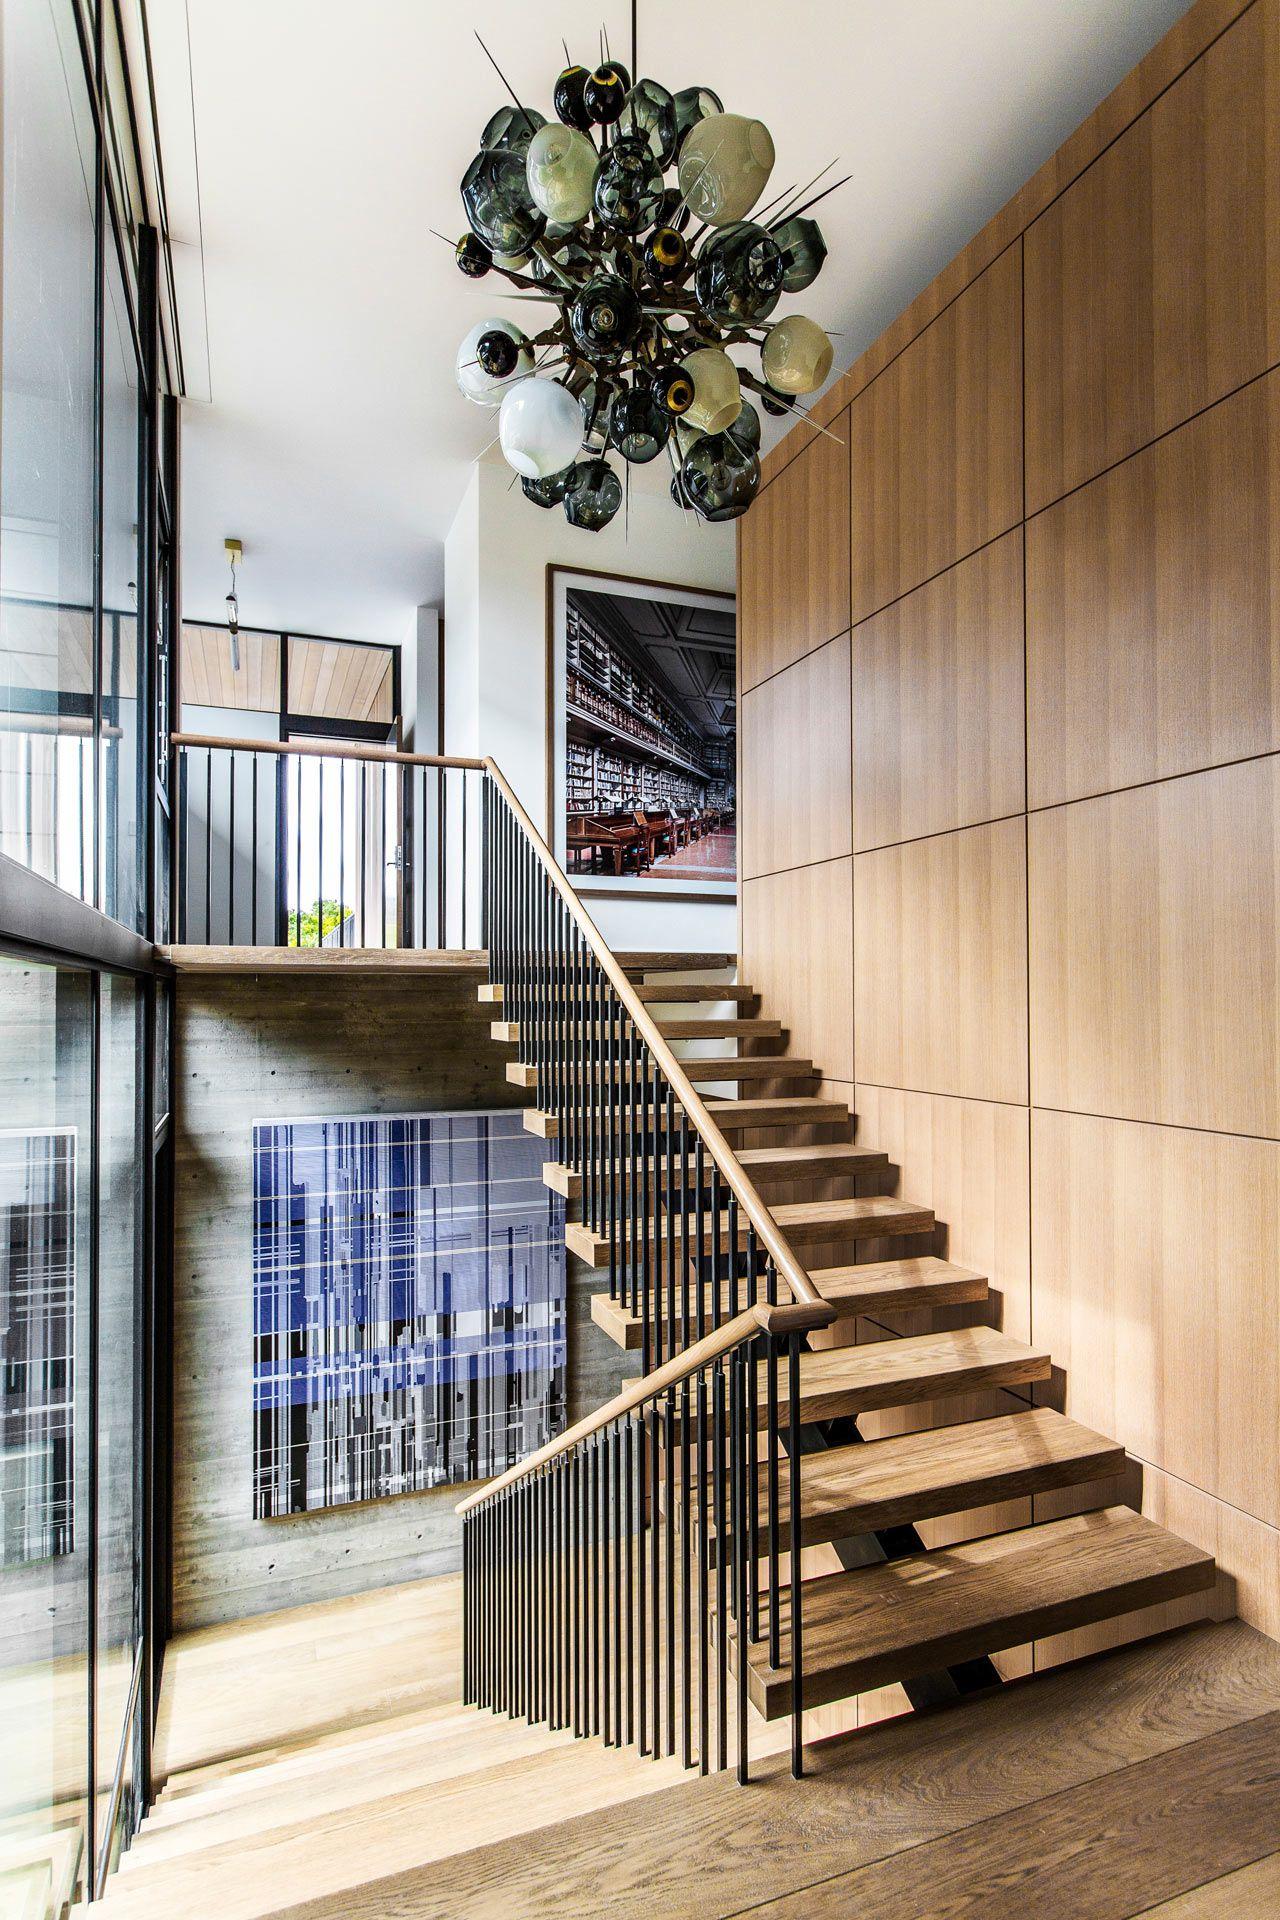 Cầu thang mặt gỗ, tay vịn gỗ, lan can thép sơn tĩnh điện